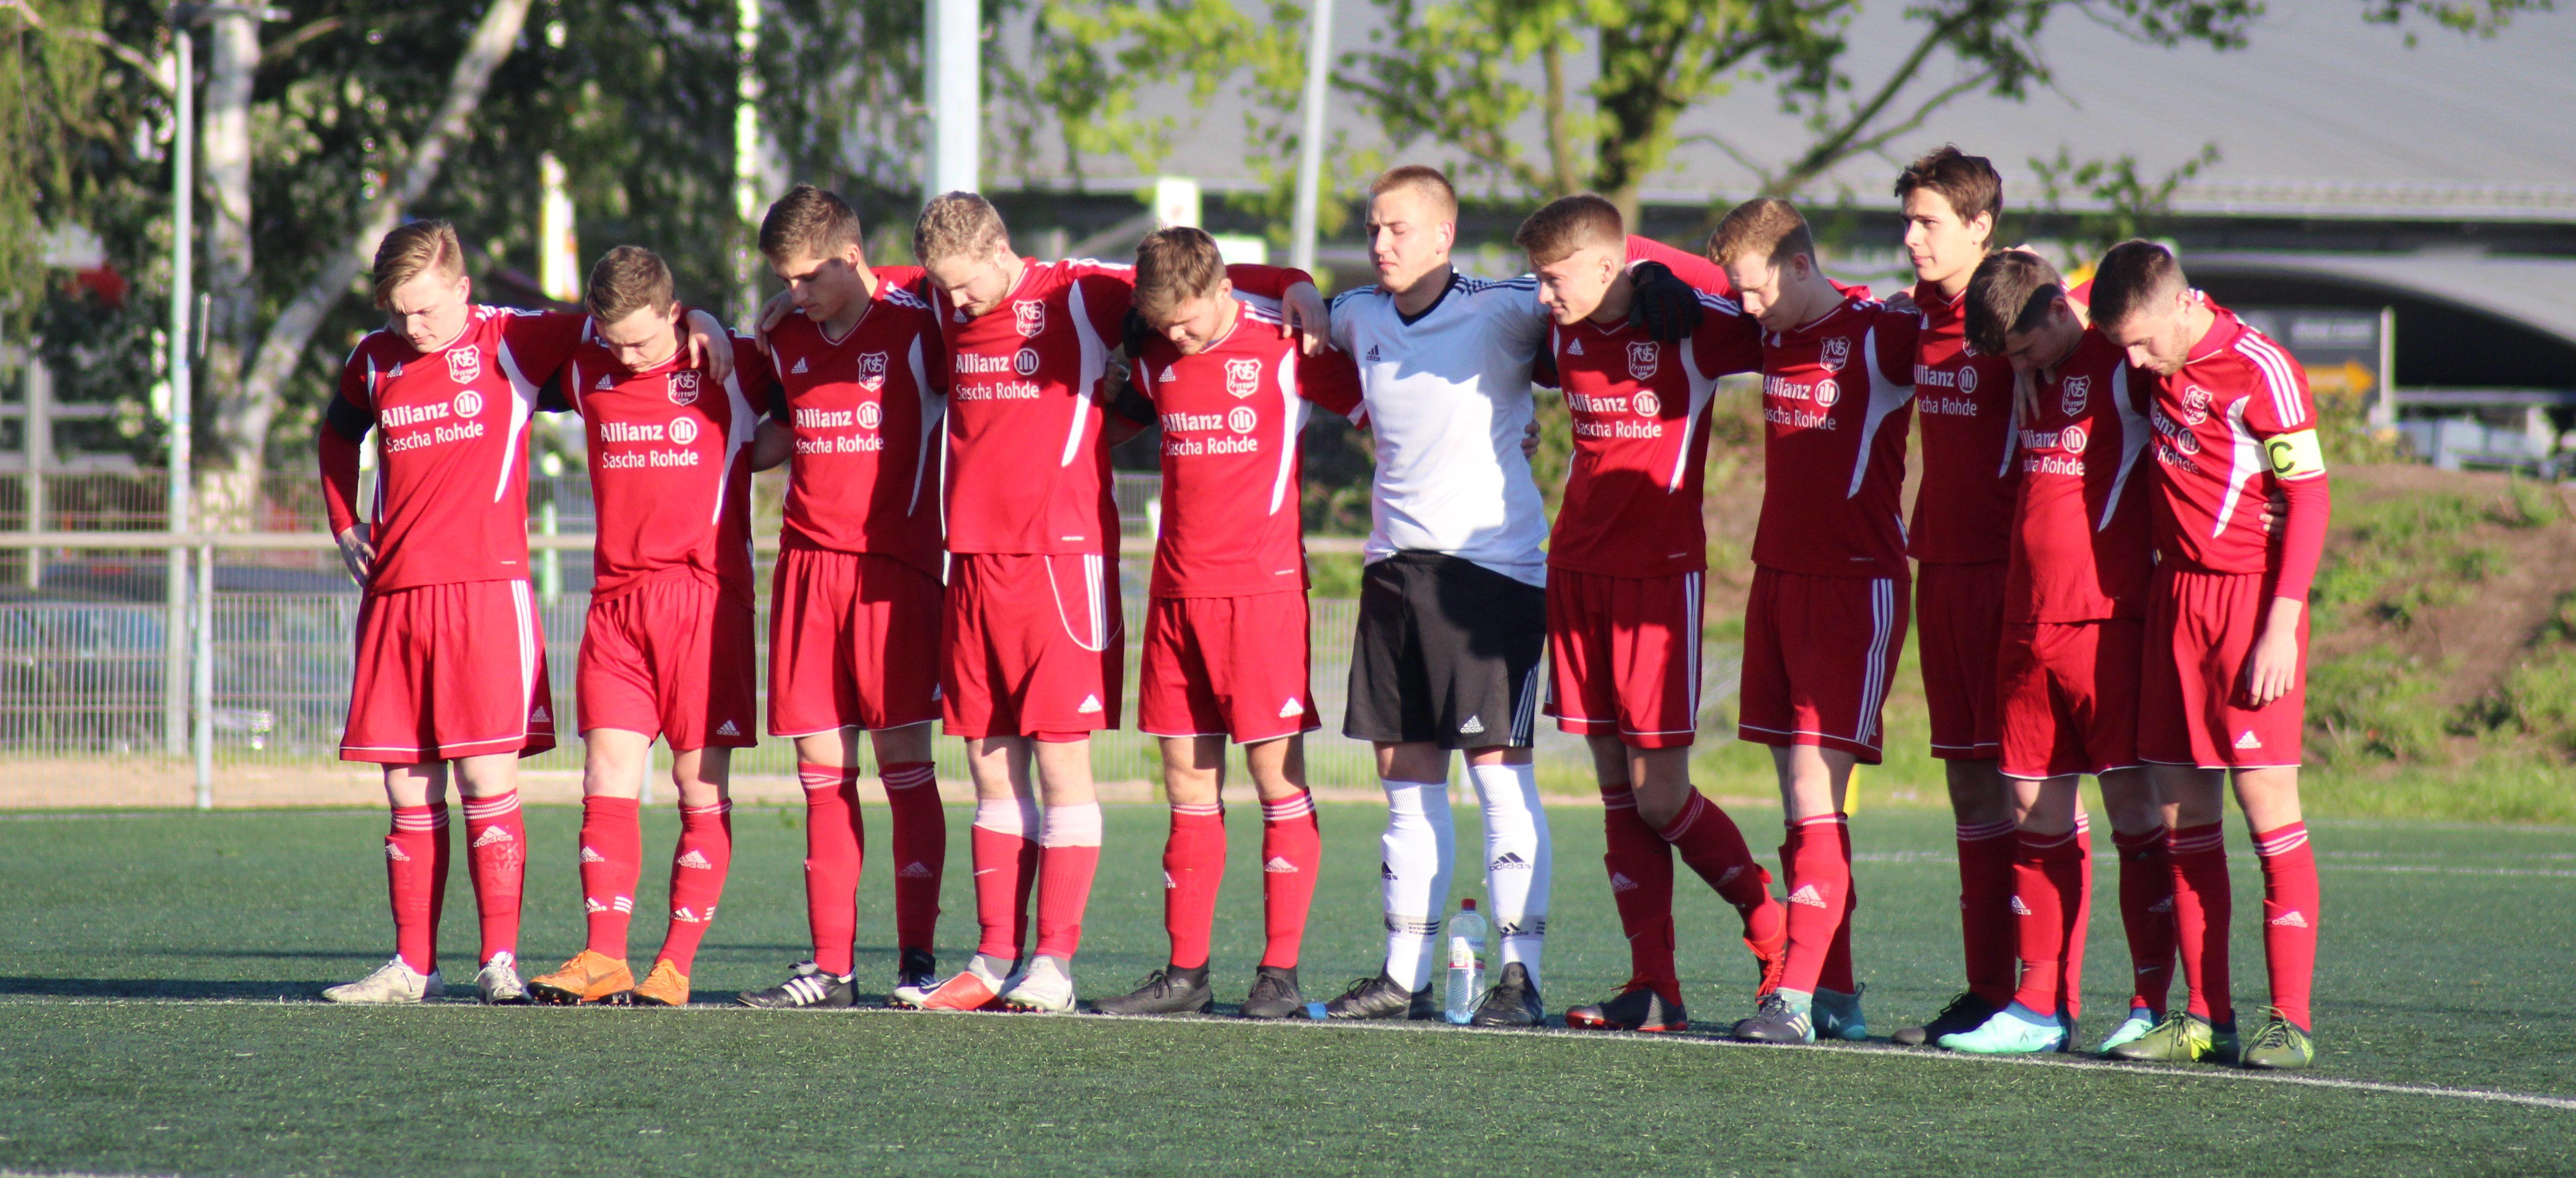 U19: Meisterschafts-Matchball erspielt